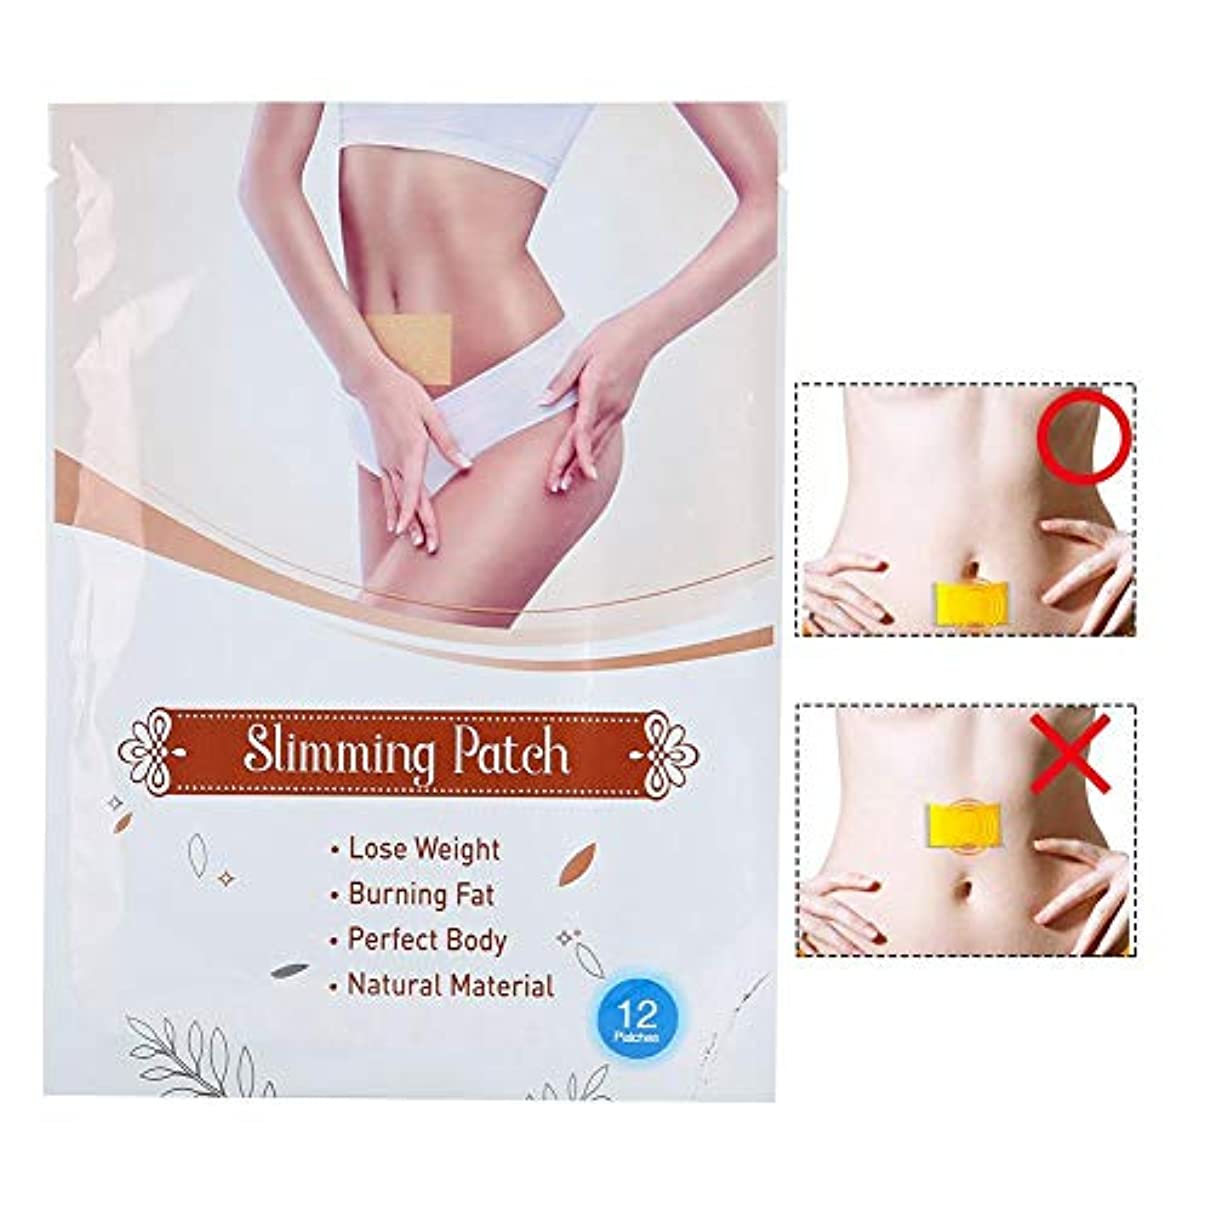 調停する正午外科医12PCS痩身ステッカー - 体脂肪バーナー - 減量デトックス、スリムパッチ - 男性と女性用